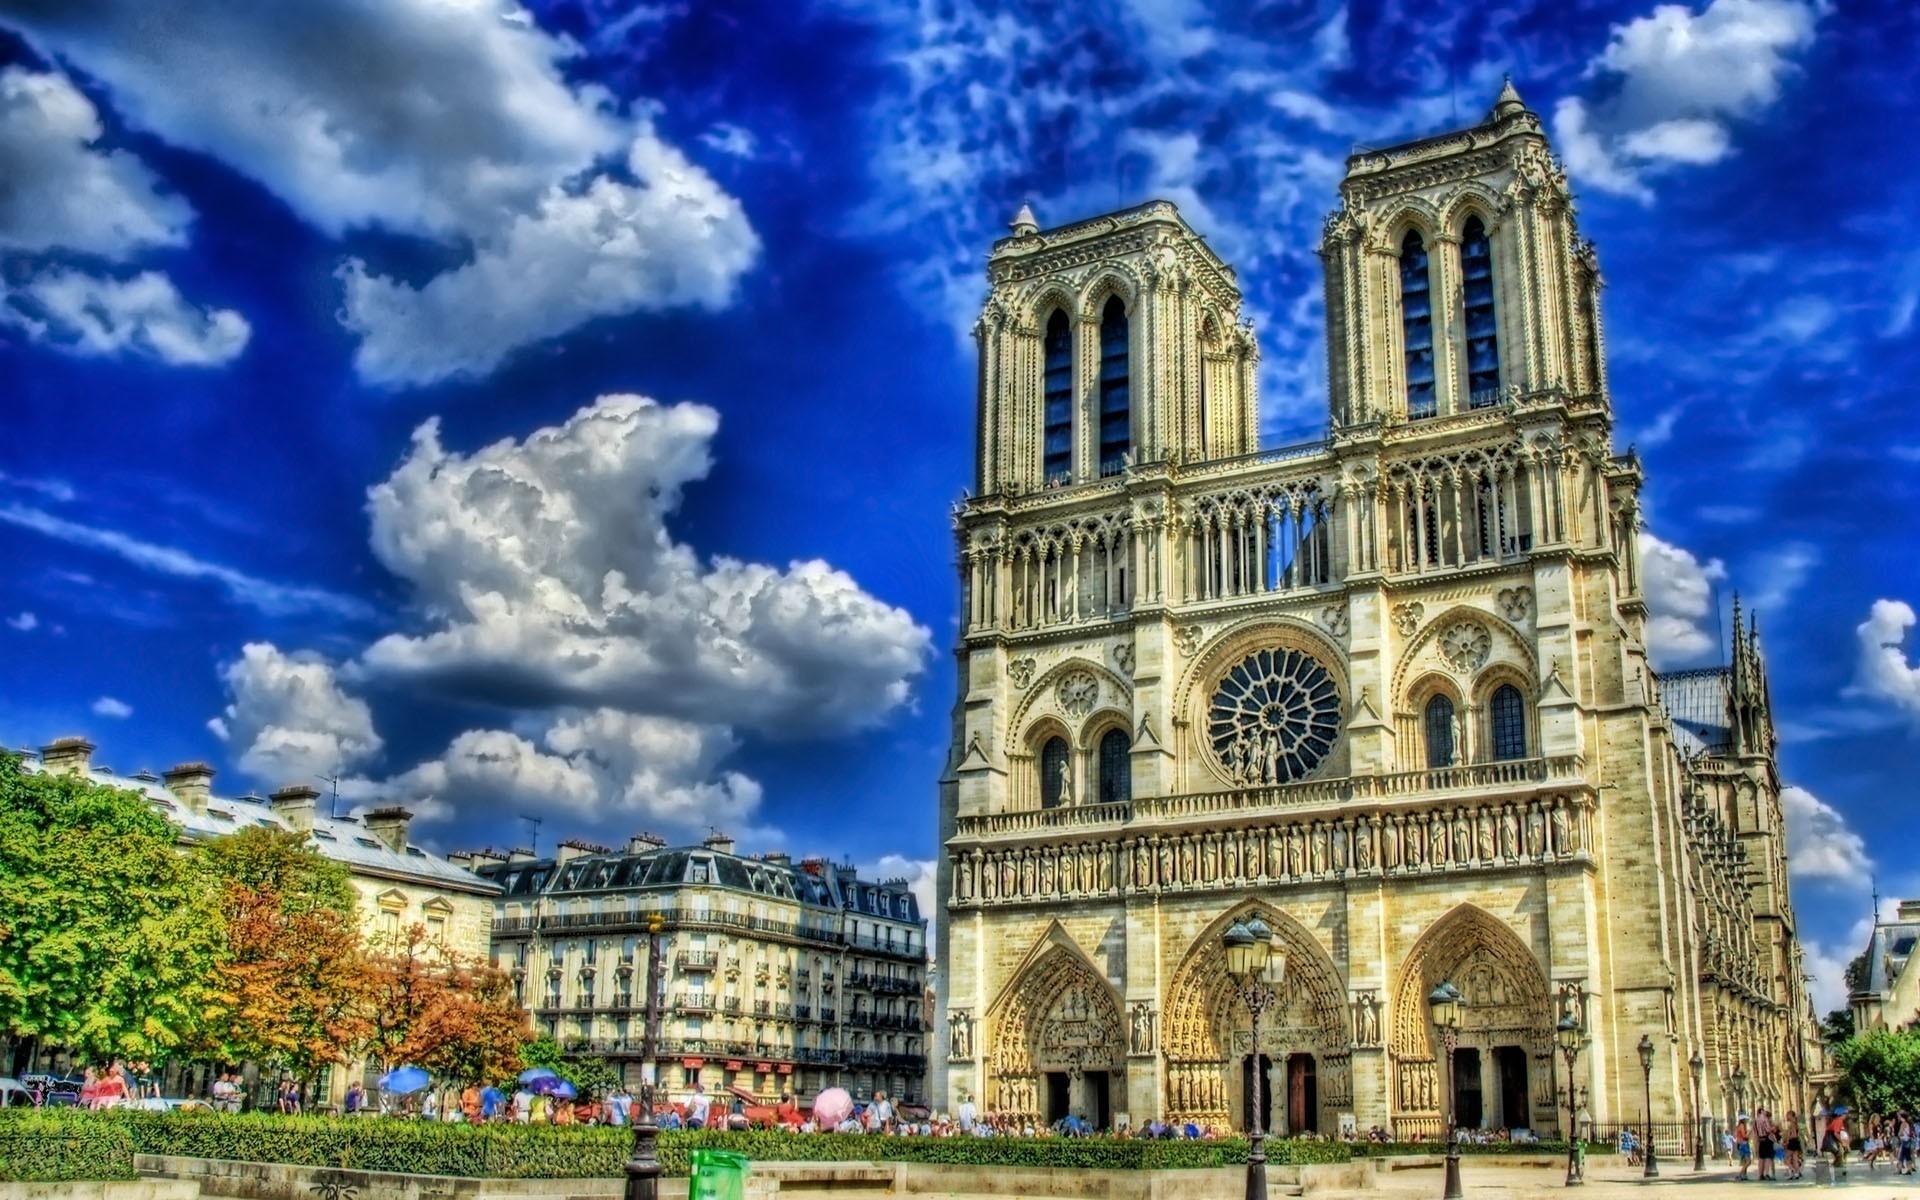 скачать обои на рабочий стол эйфелевой башни в париже #0